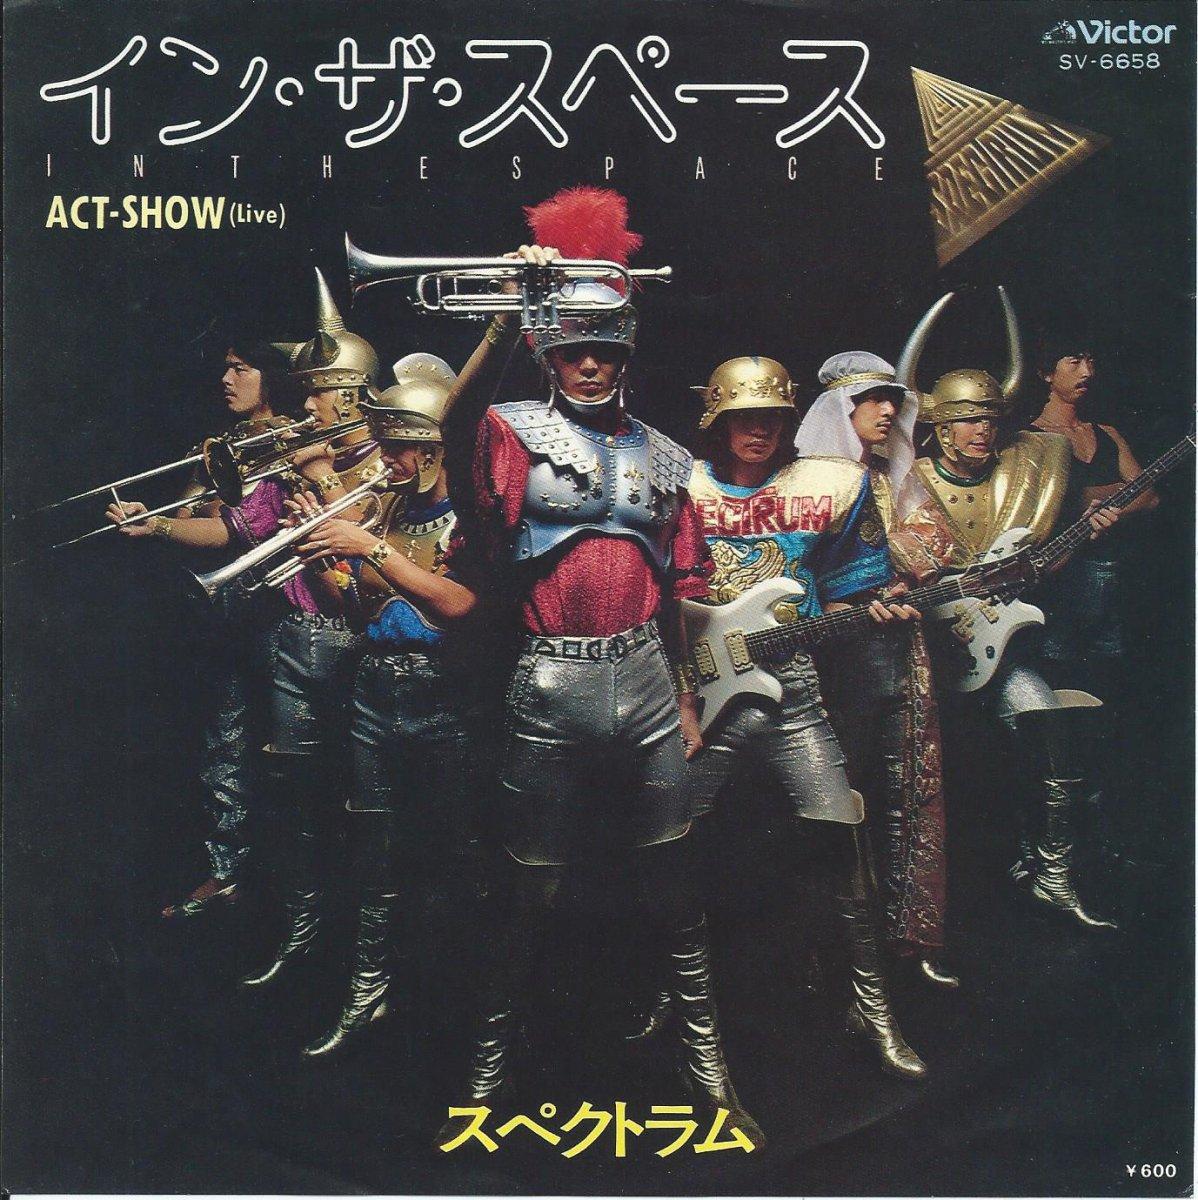 スペクトラム SPECTRUM / イン・ザ・スペース (IN THE SPACE) / アクトショー (ACT - SHOW) (7